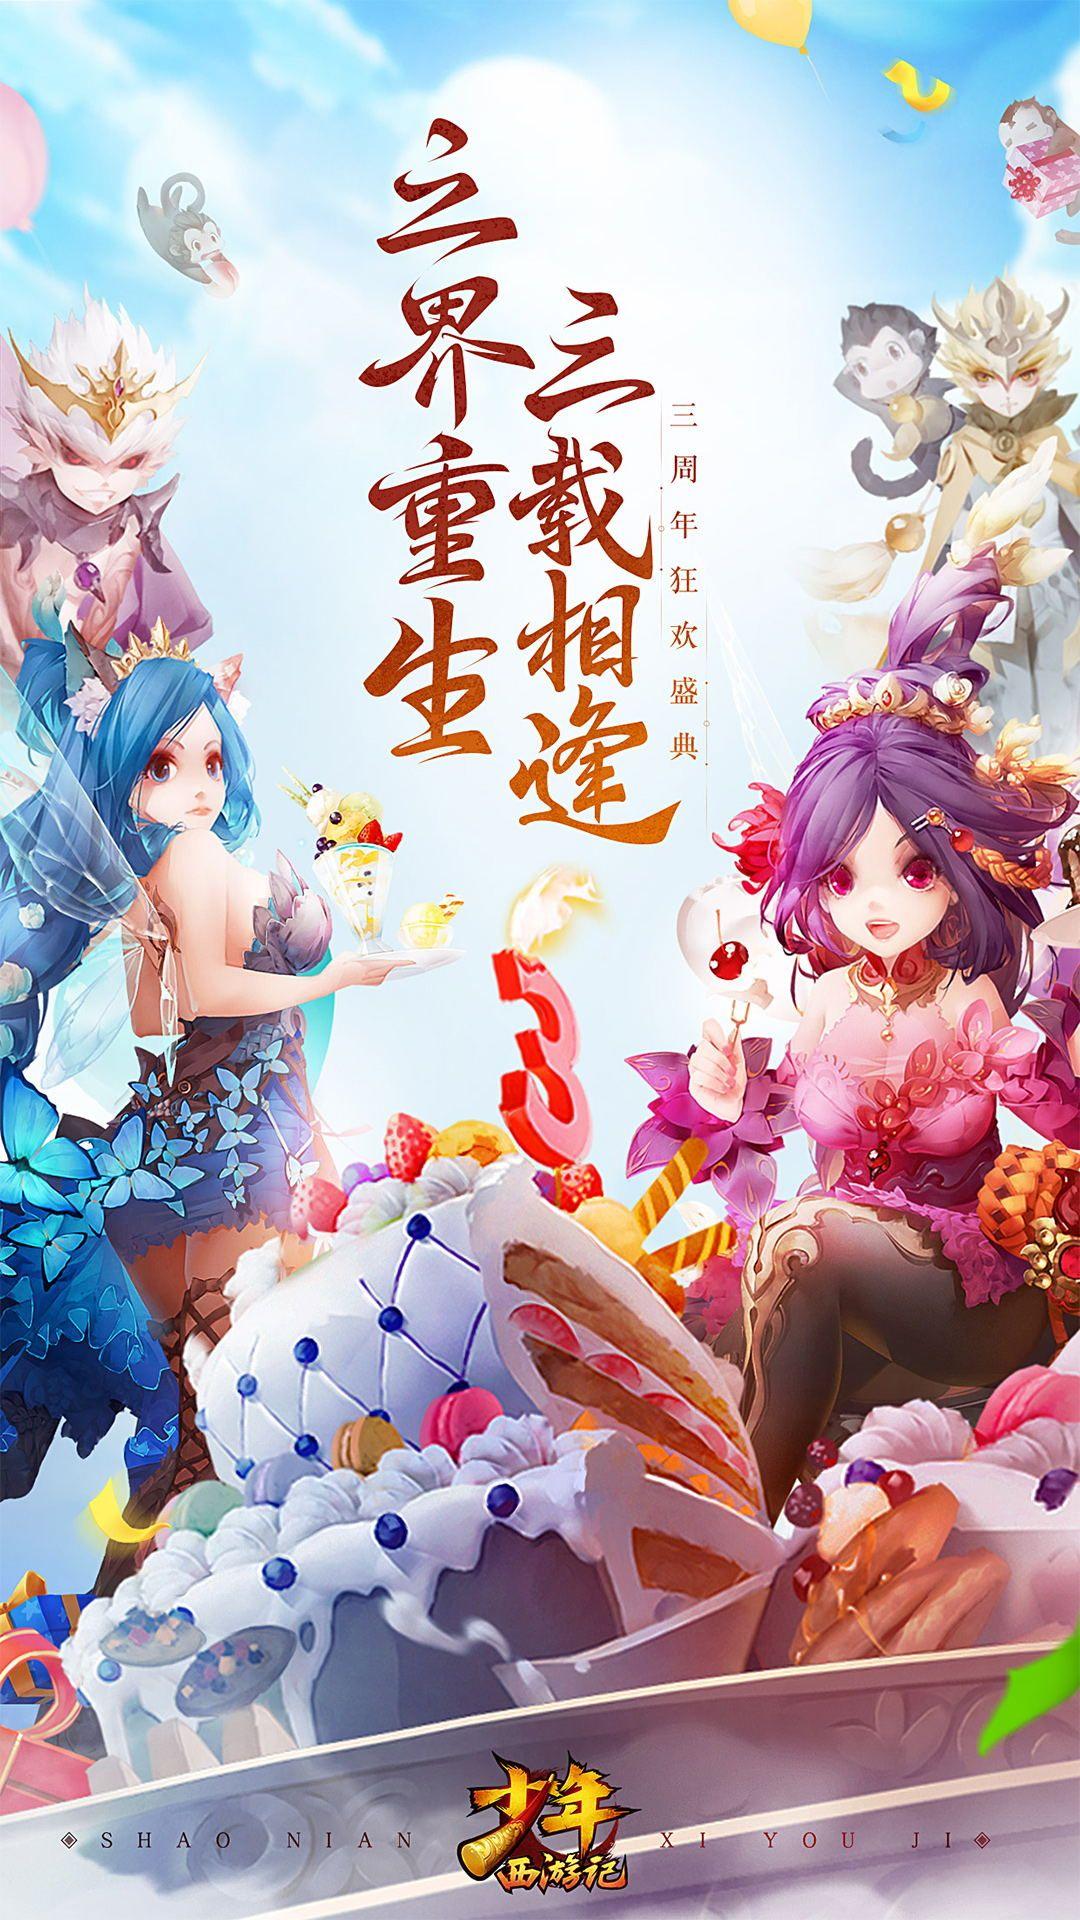 少年西游記-新征程_游戲封面圖